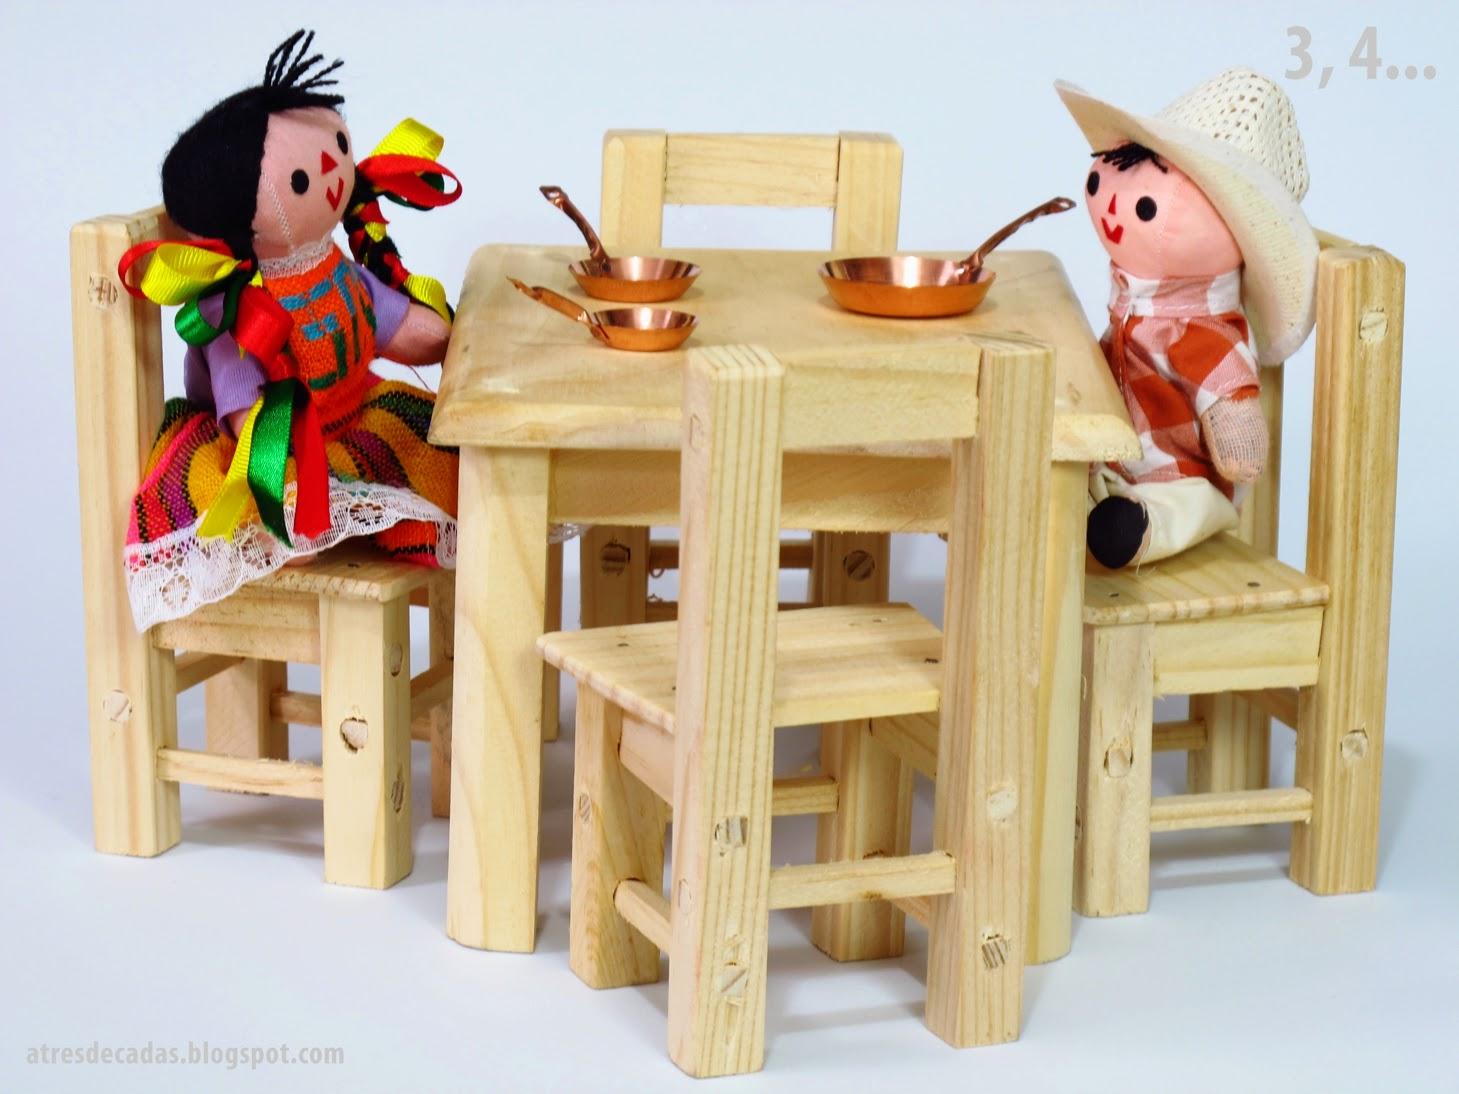 Imagenes De Muebles Peque Os De Madera # Muebles Pequenos De Madera